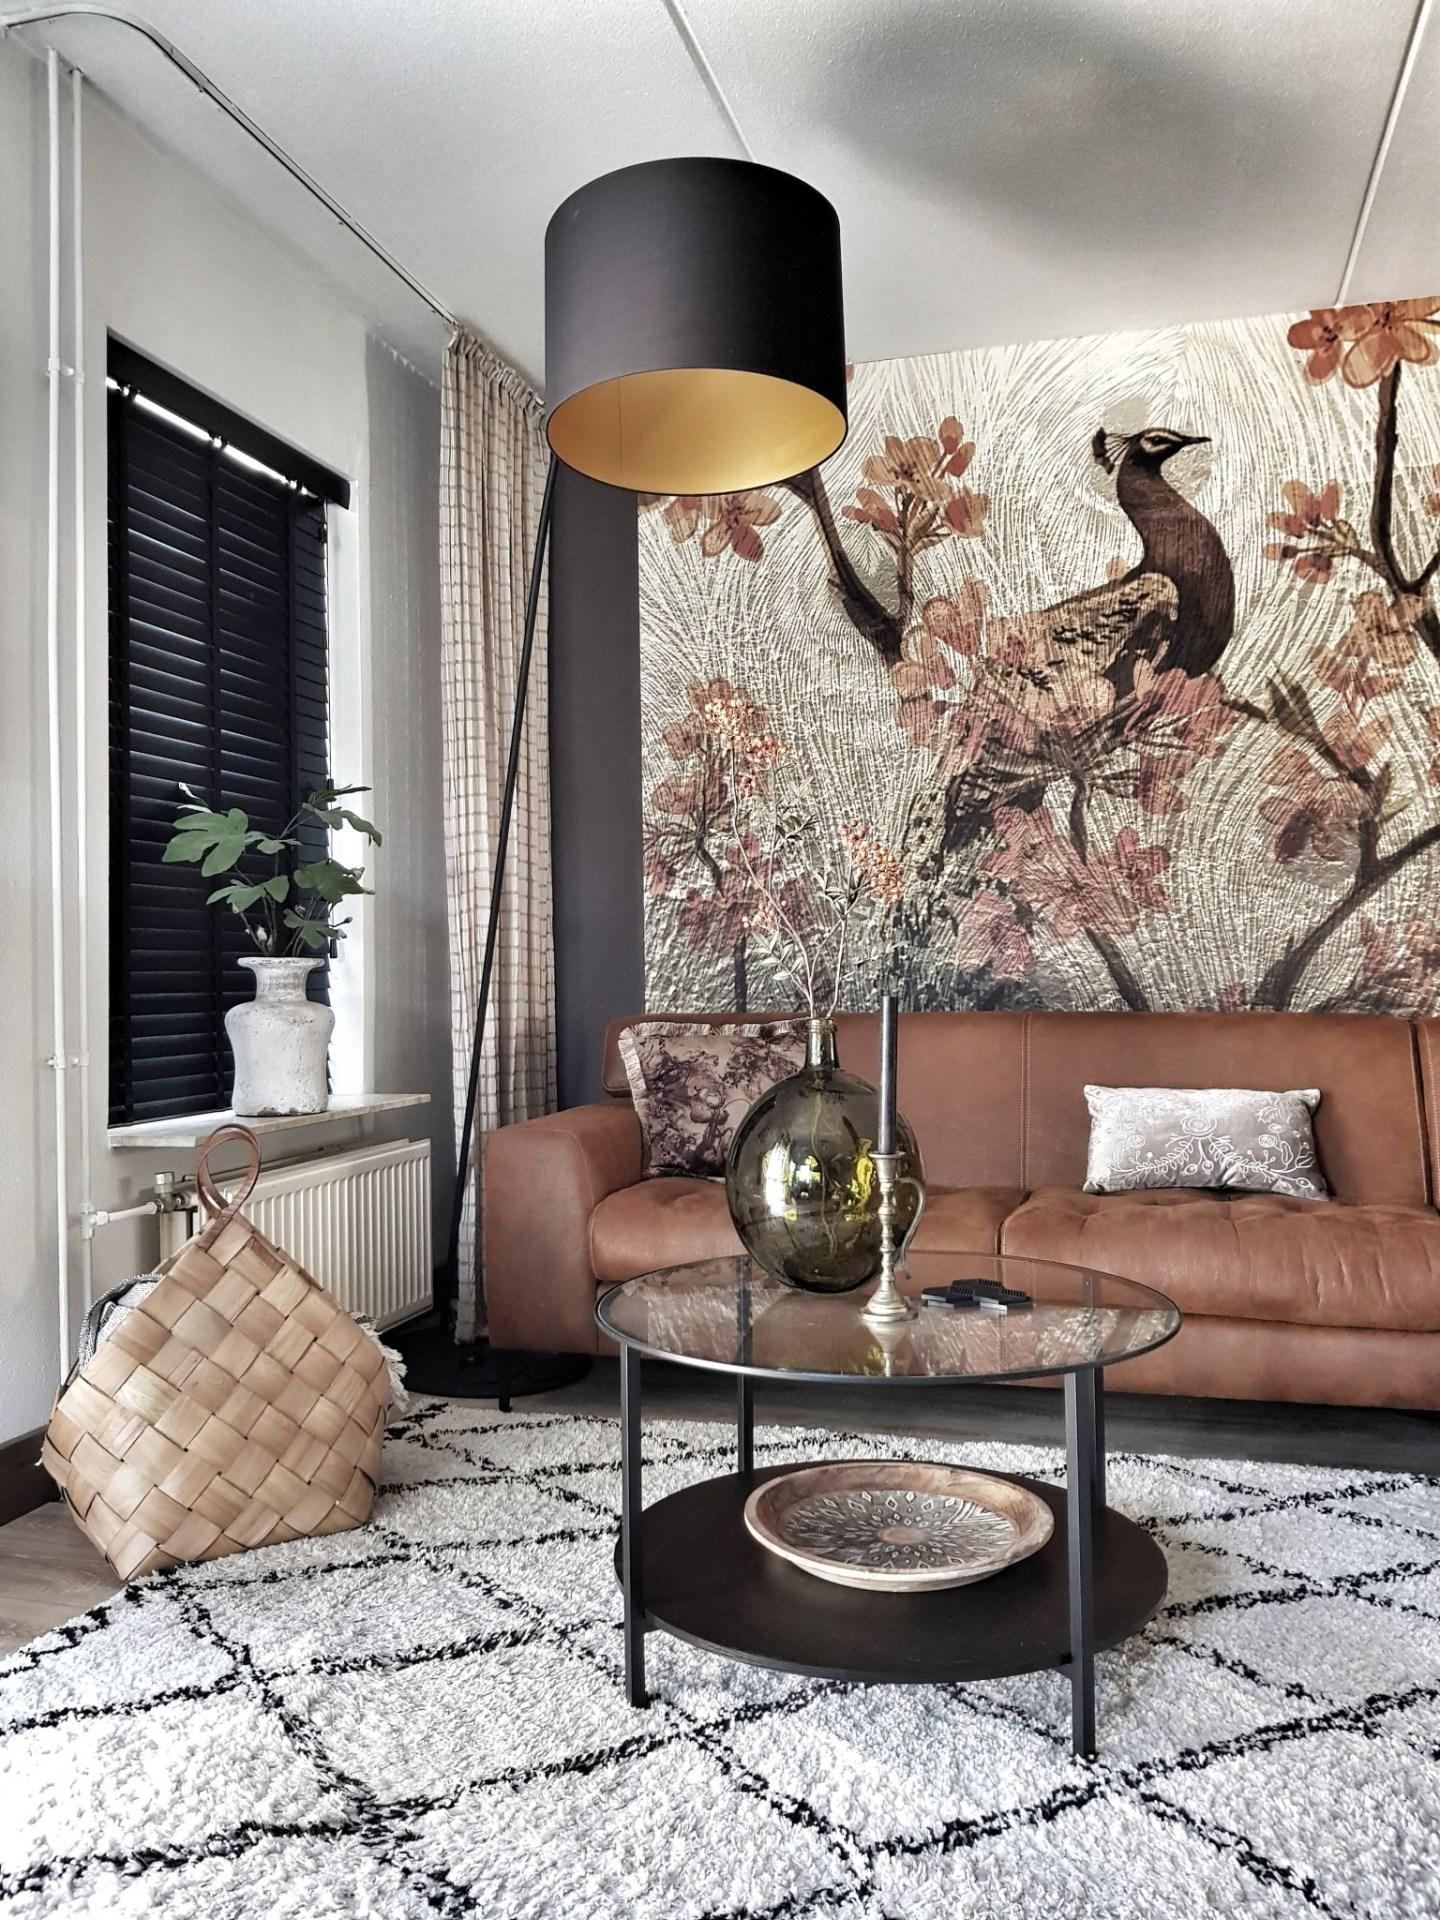 Raamdecoratie in de woonkamer